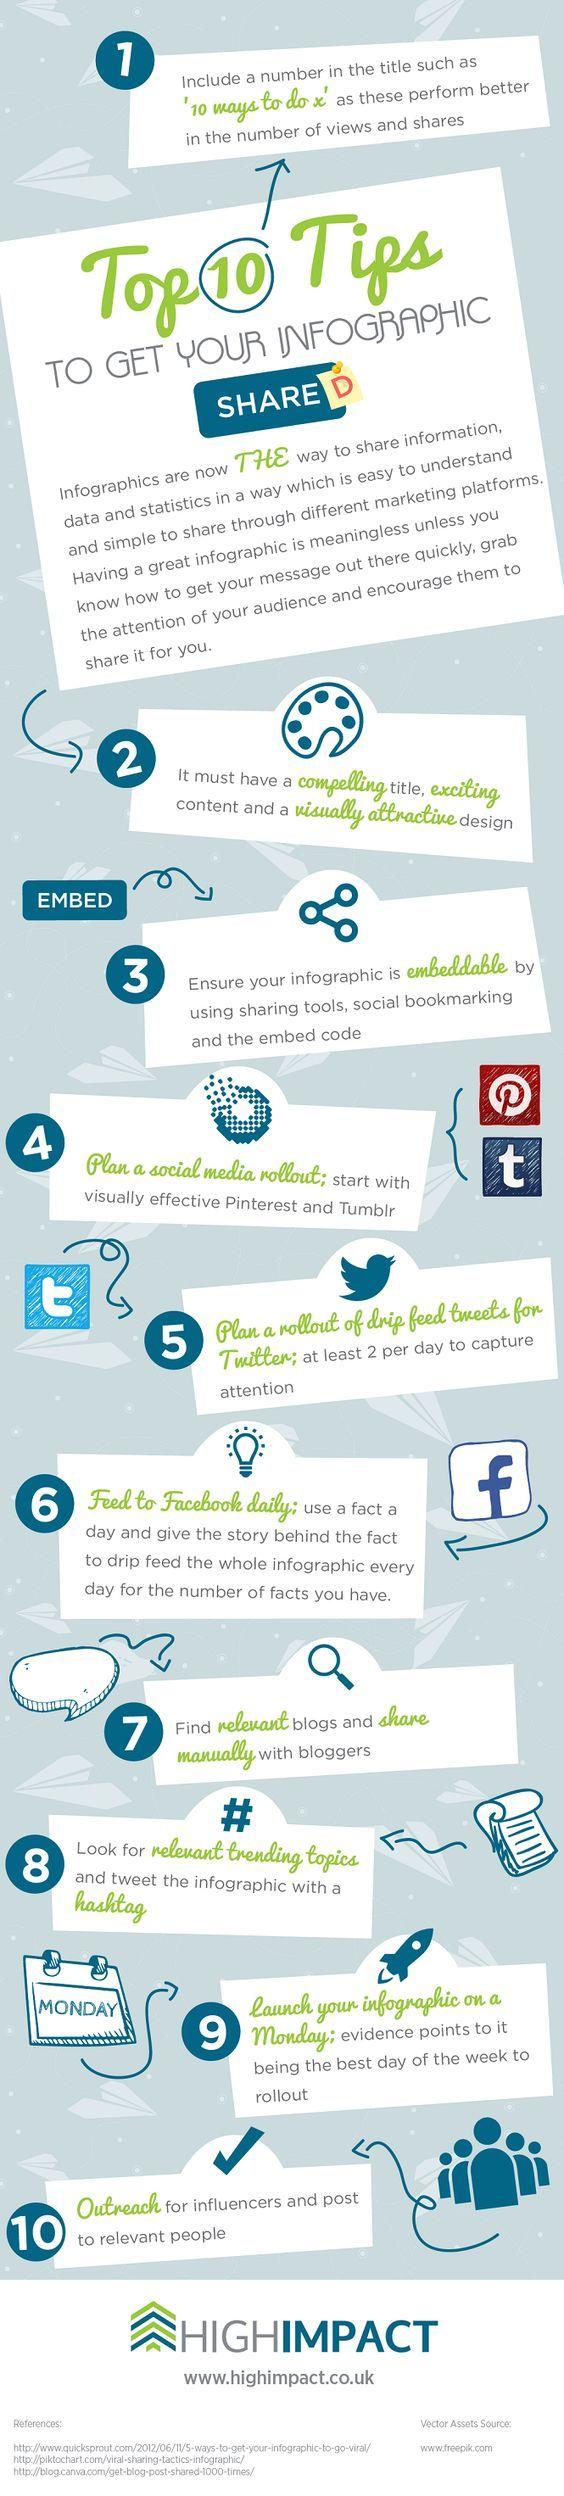 10 consejos para que tu infografía sea compartida #guía #infografía #explicación  Lee nuestro artículo en español para entender cómo triunfar con este contenido.